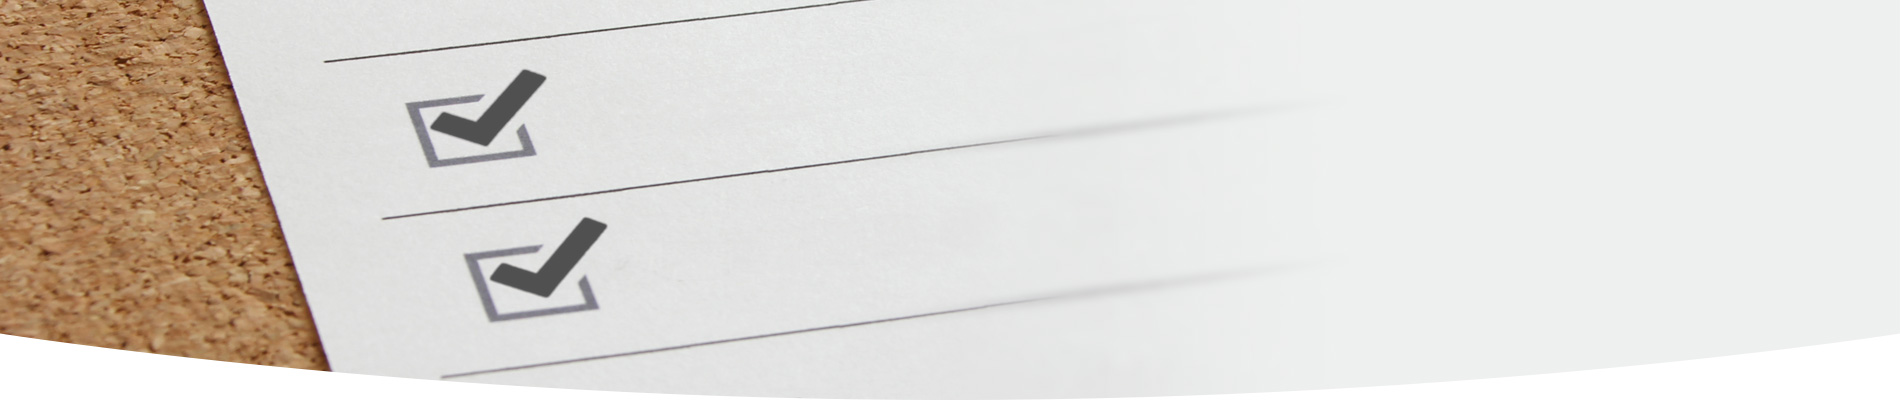 北九州ホームページ制作の注意事項